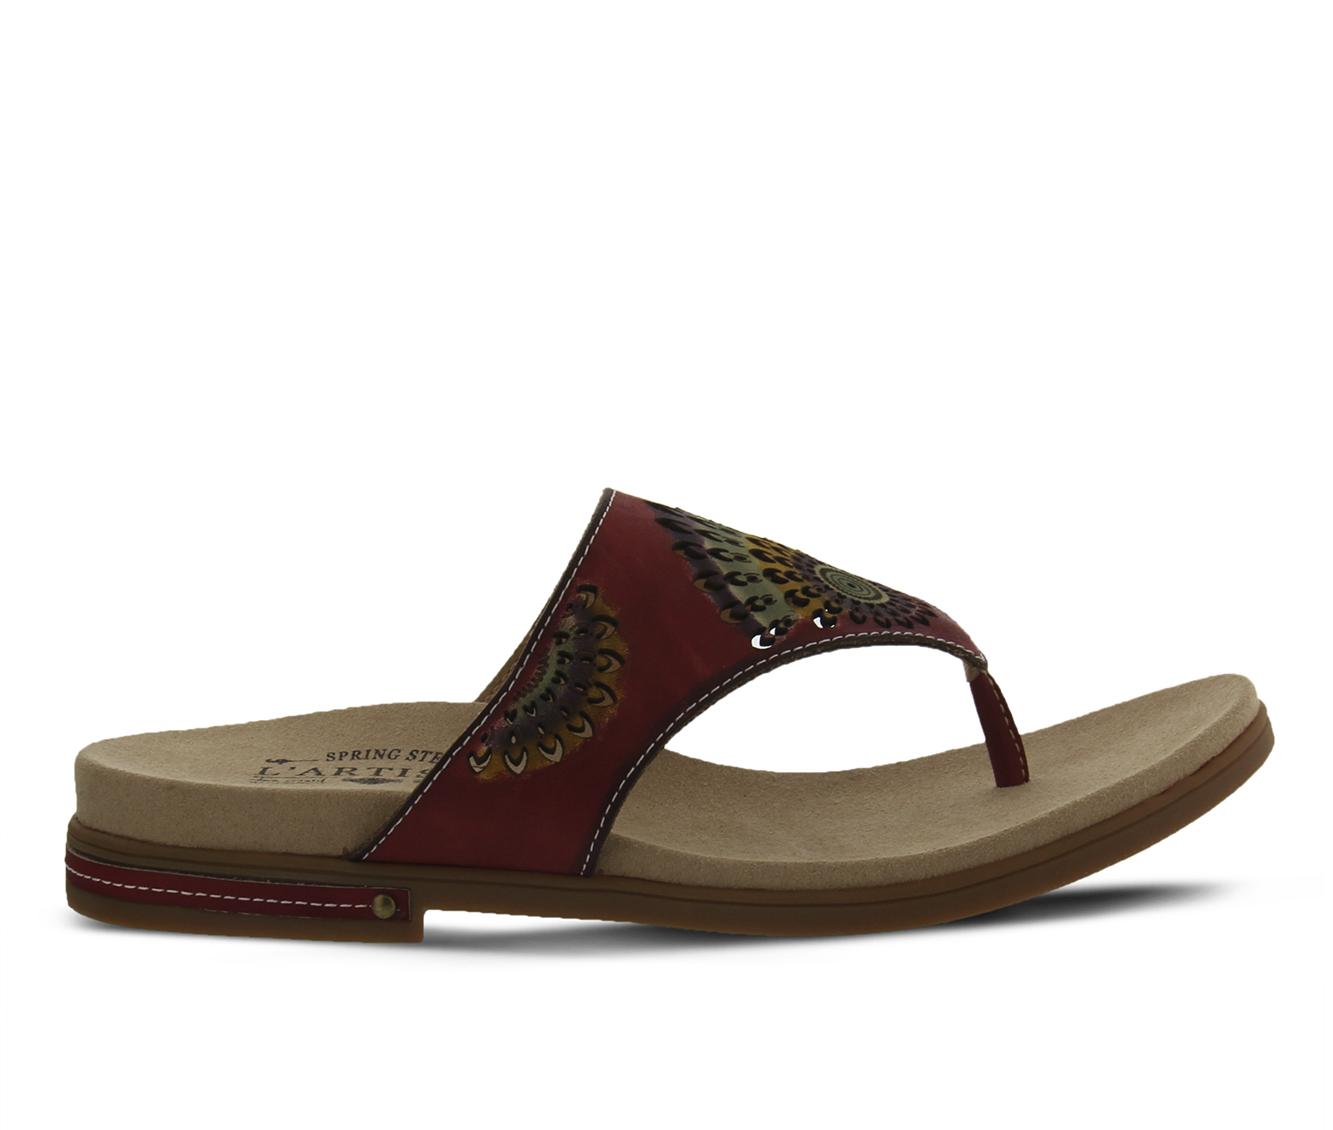 L'Artiste Mayura Women's Sandal (Red Leather)